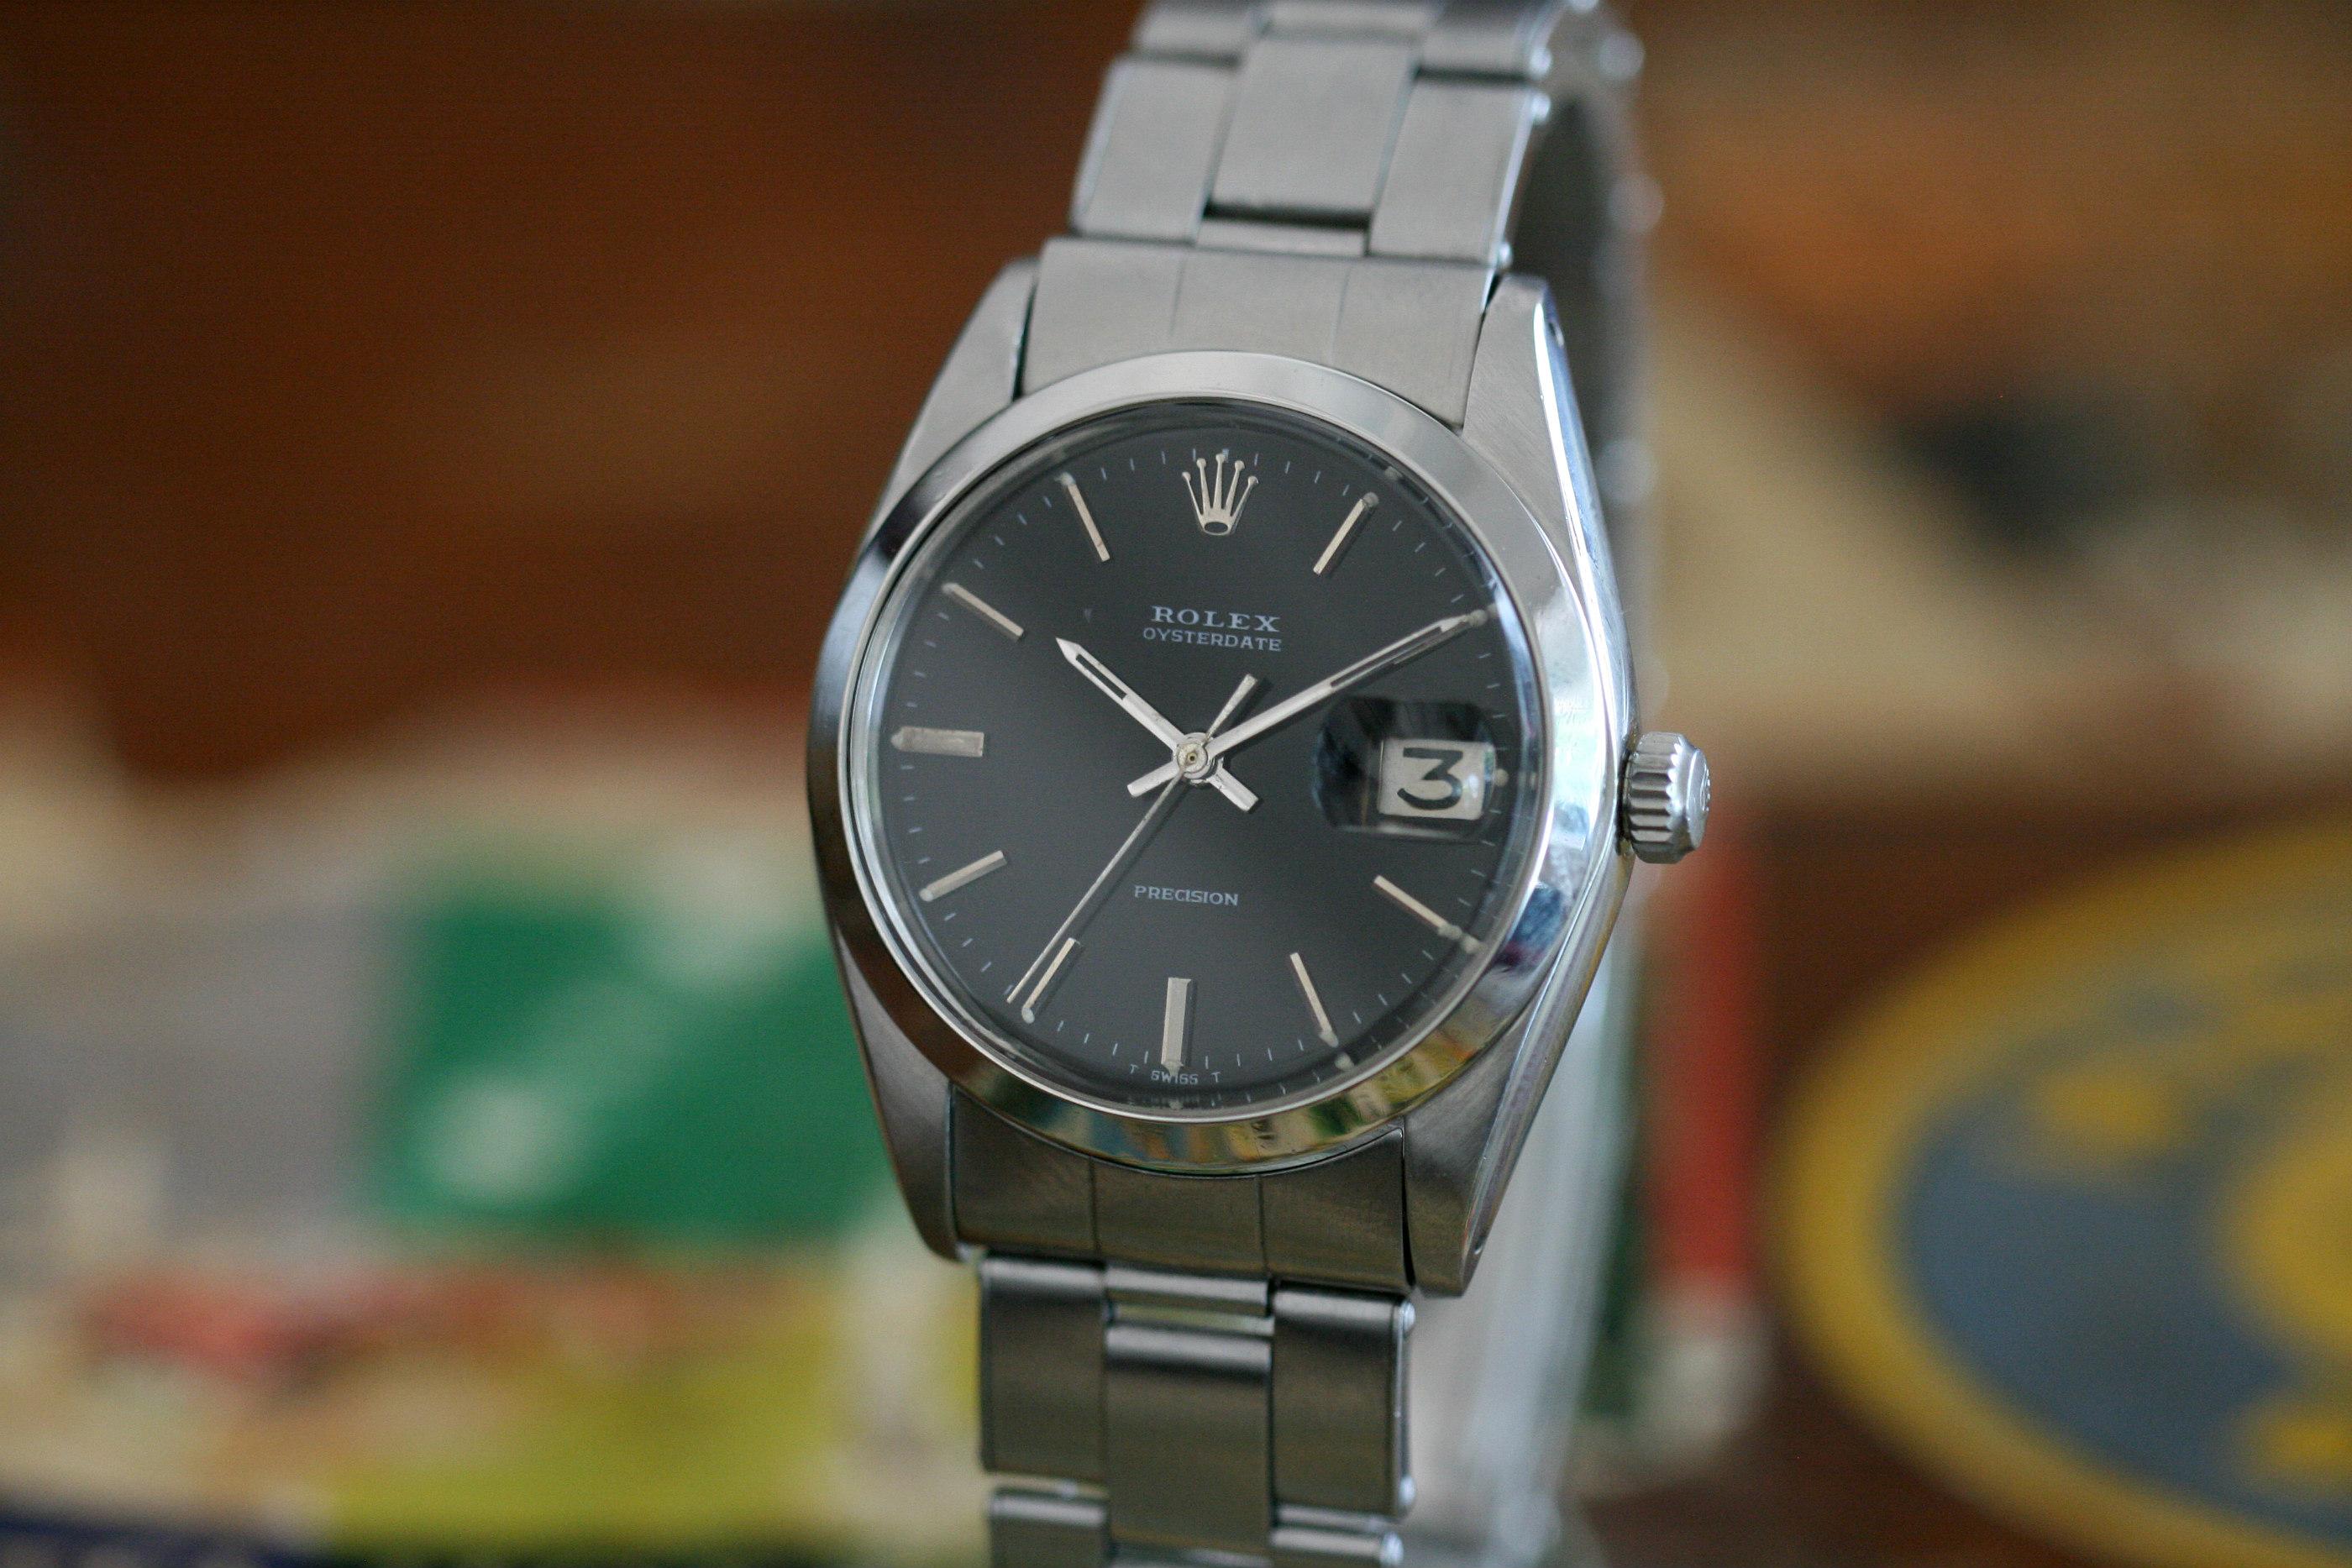 rolex Precision black dial